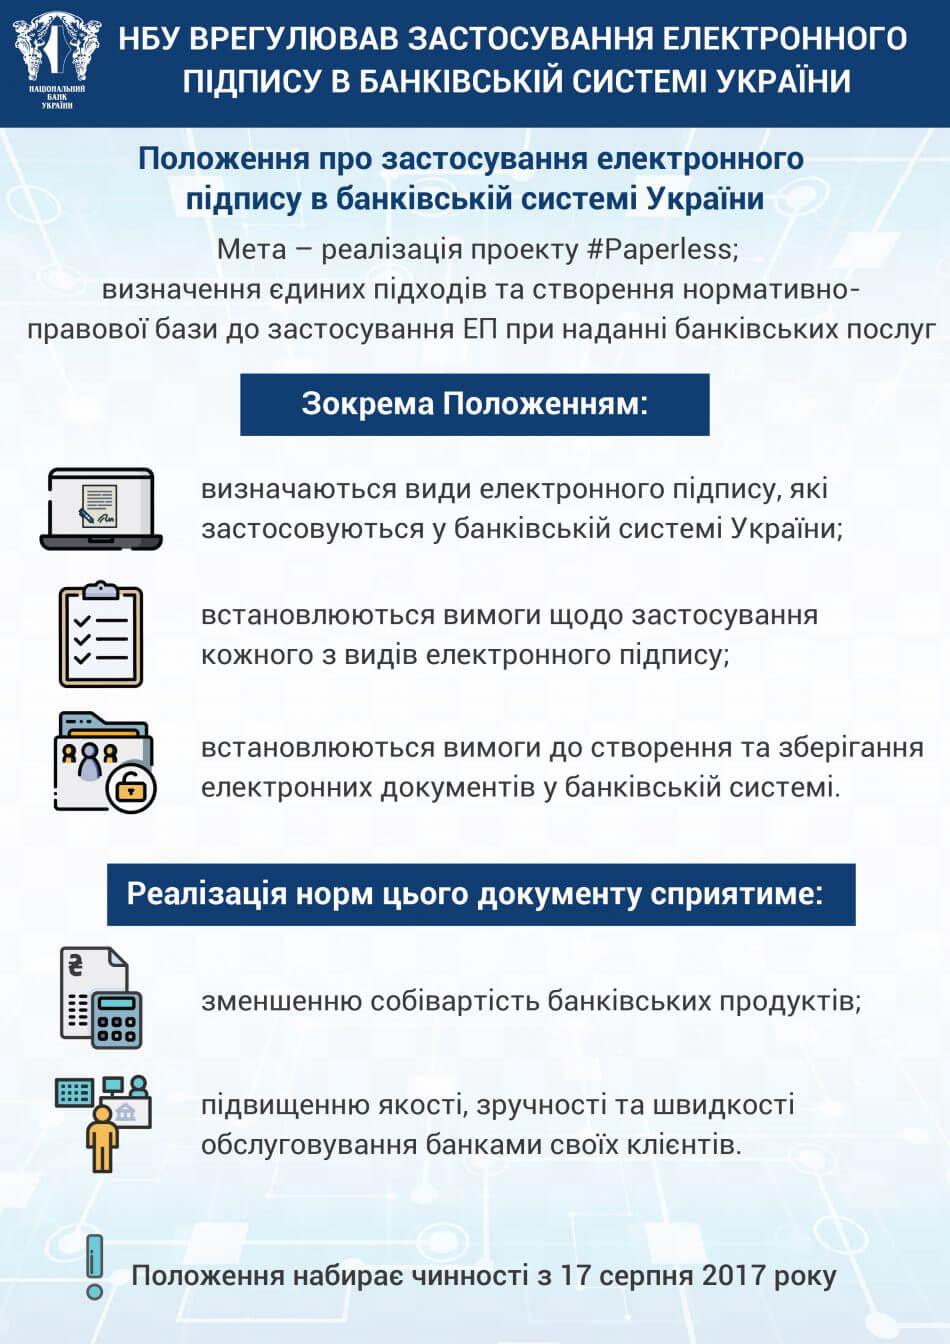 Внедрение электронной цифровой подписи (ЭЦП)